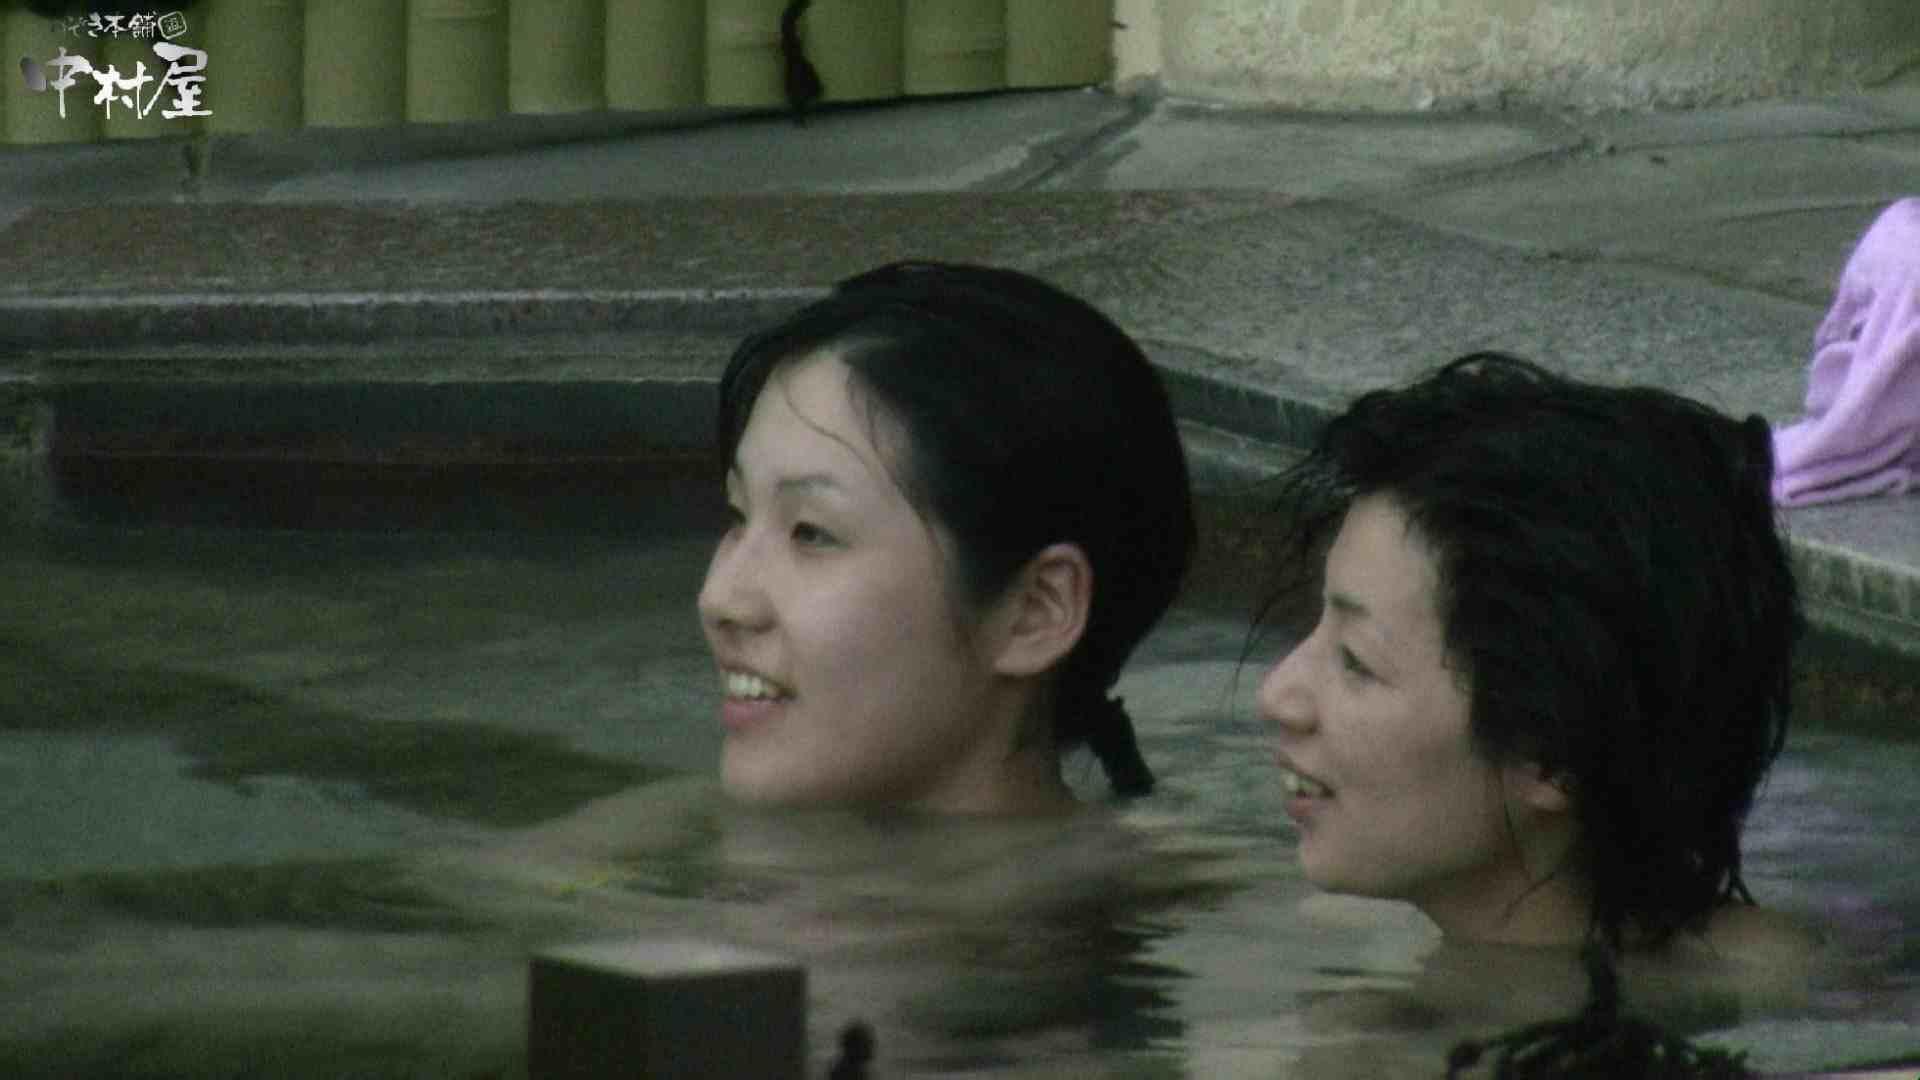 Aquaな露天風呂Vol.983 盗撮  58PICs 21